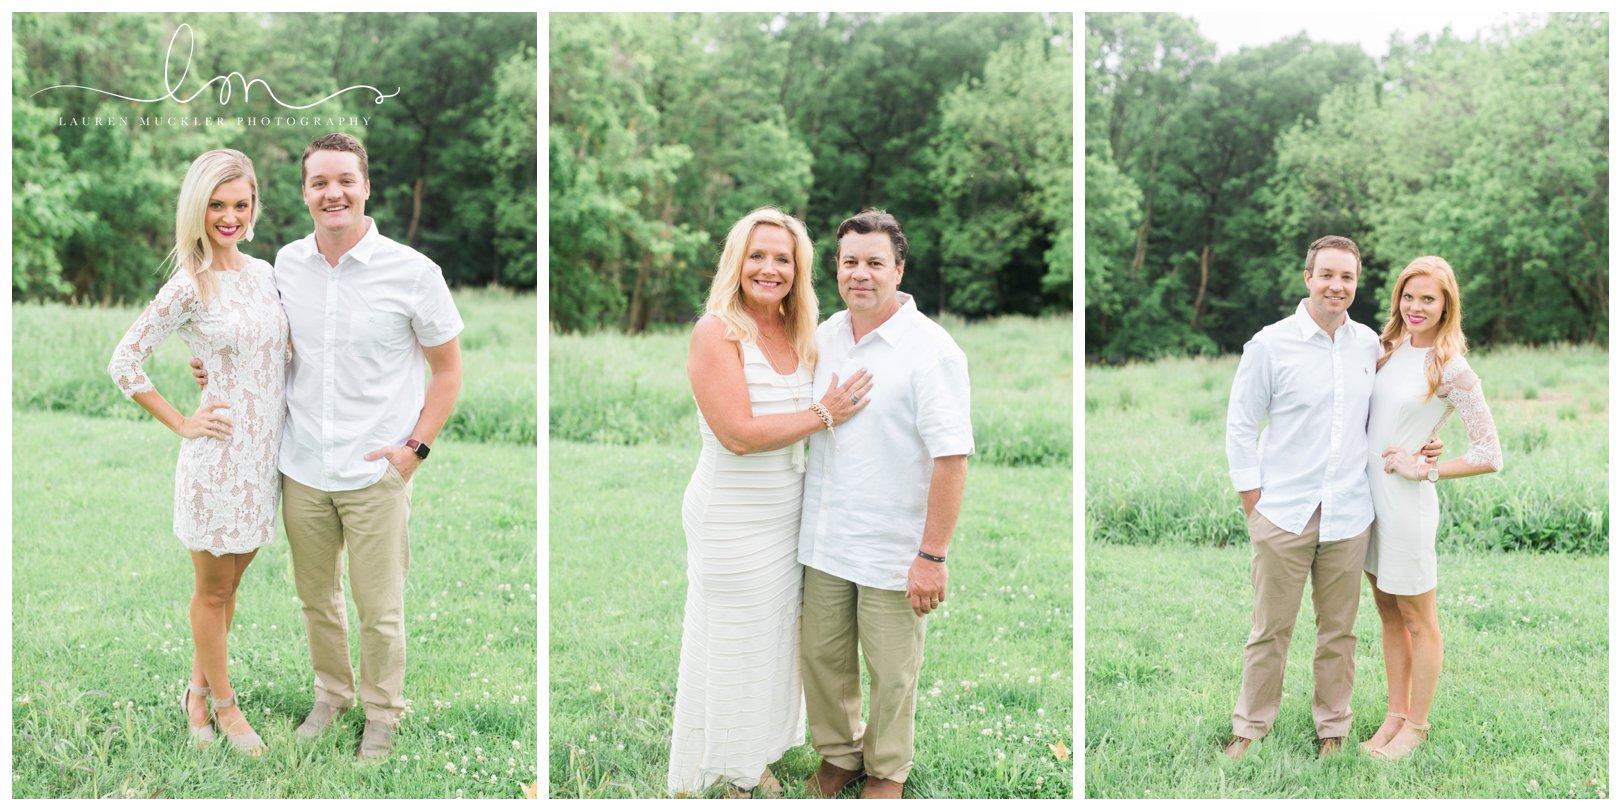 lauren muckler photography_fine art film wedding photography_st louis_photography_0324.jpg